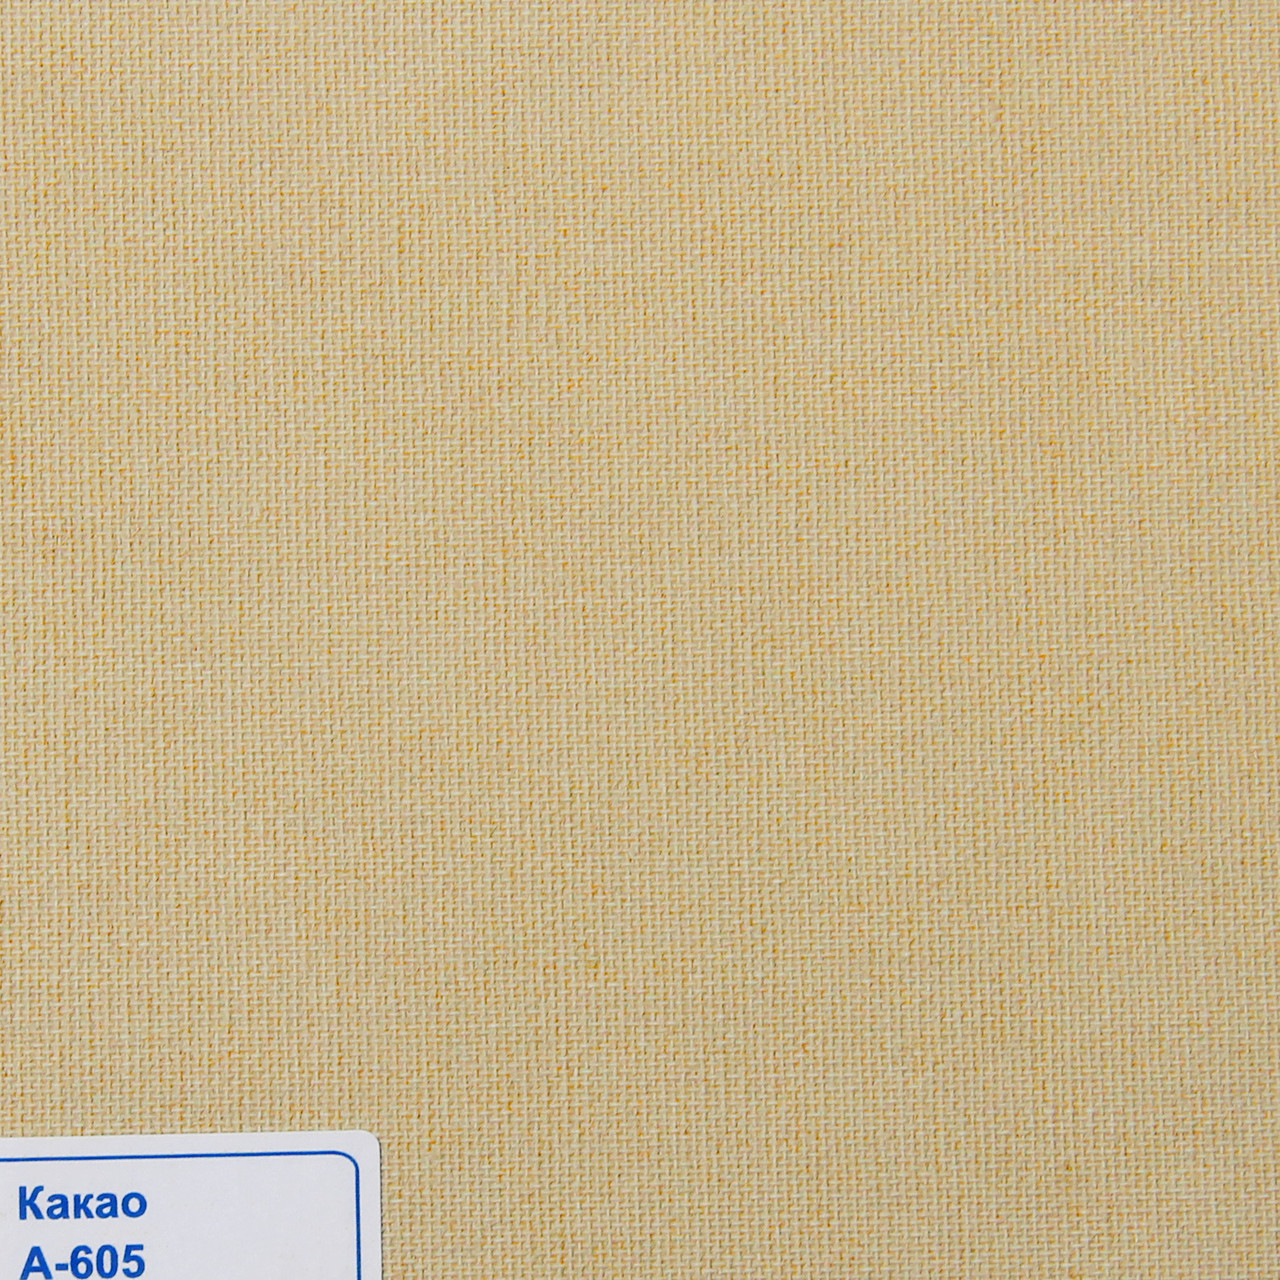 Рулонные шторы Ткань Однотонная А-605 Какао